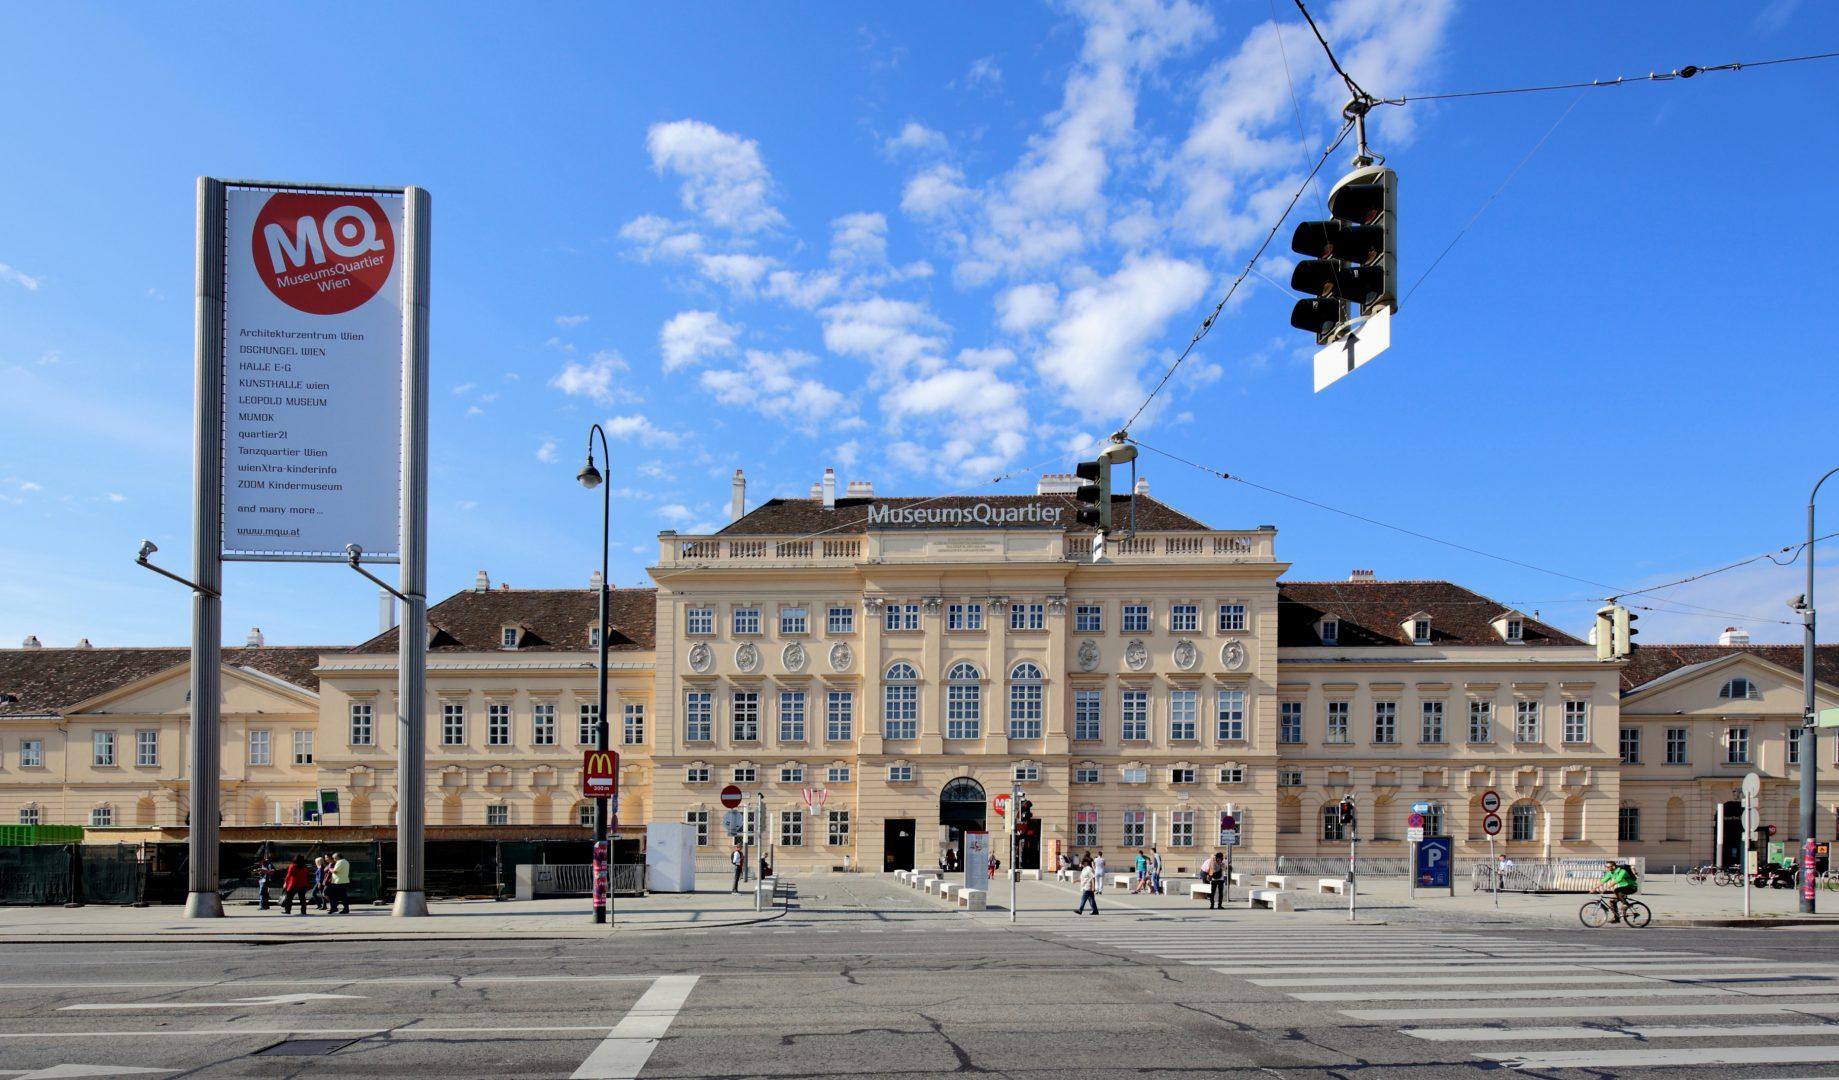 MuseumsQuartier, Austria